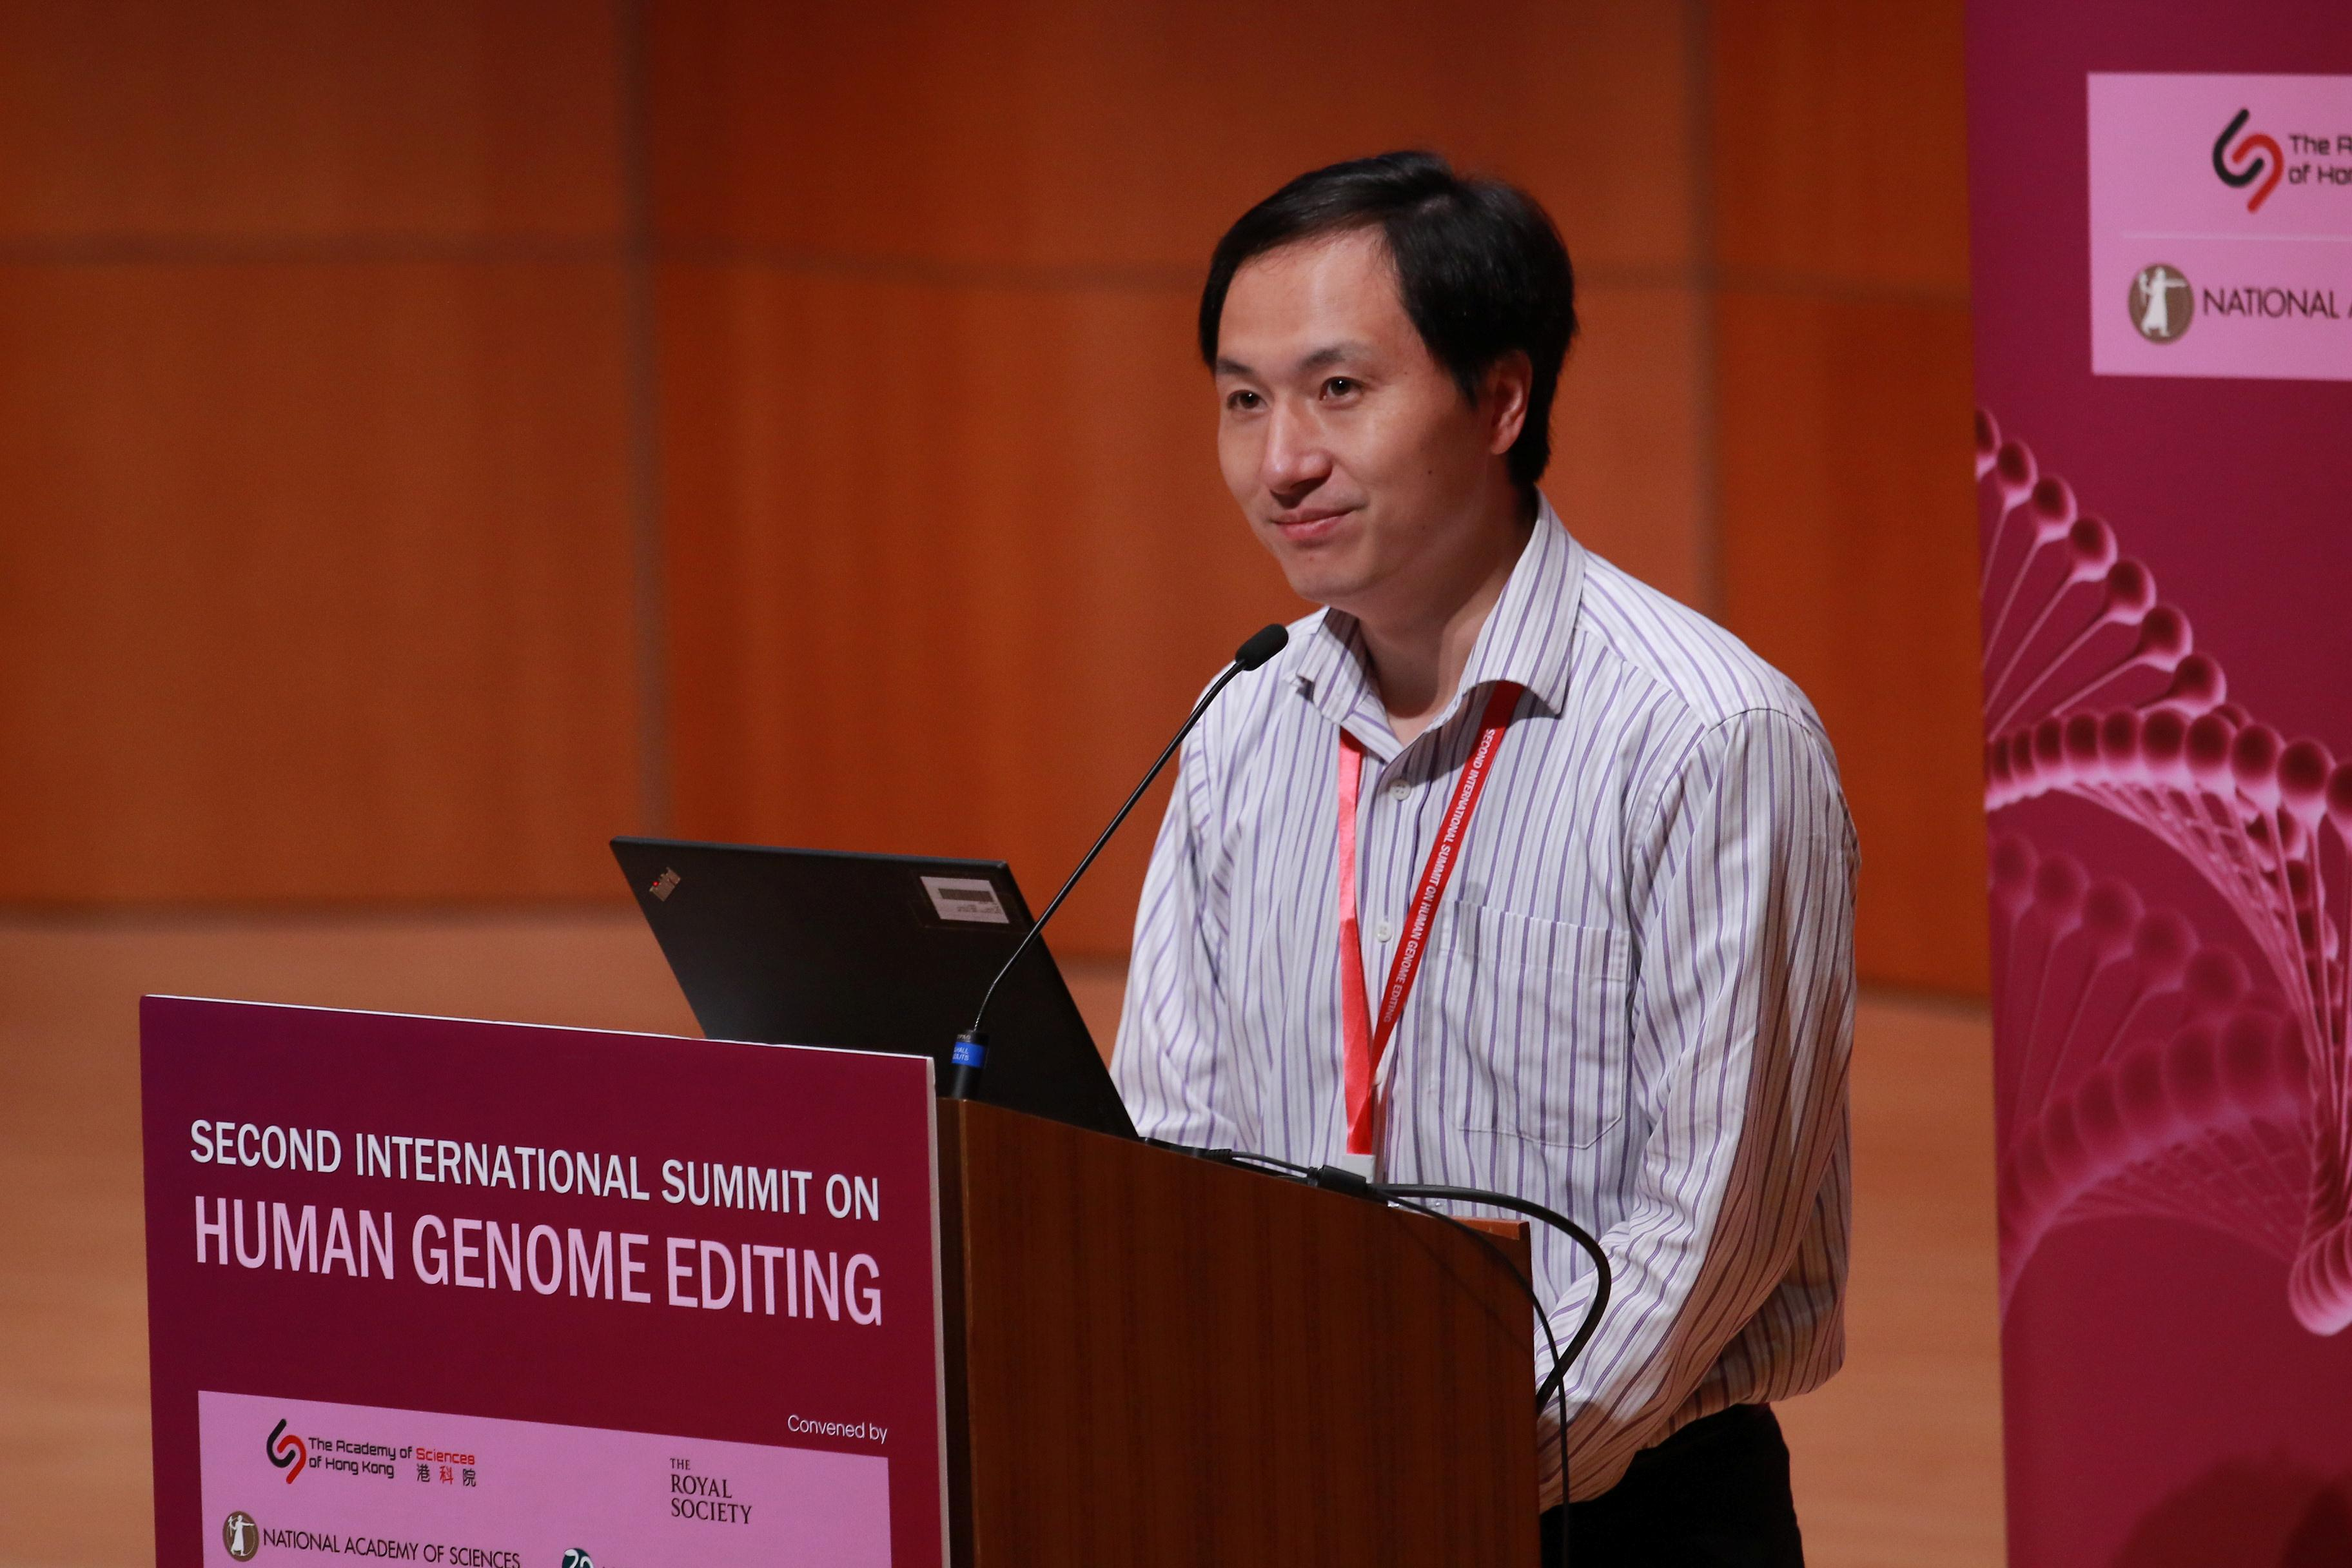 Создатель CRISPR-детей рассказал о еще одной беременной в своем проекте